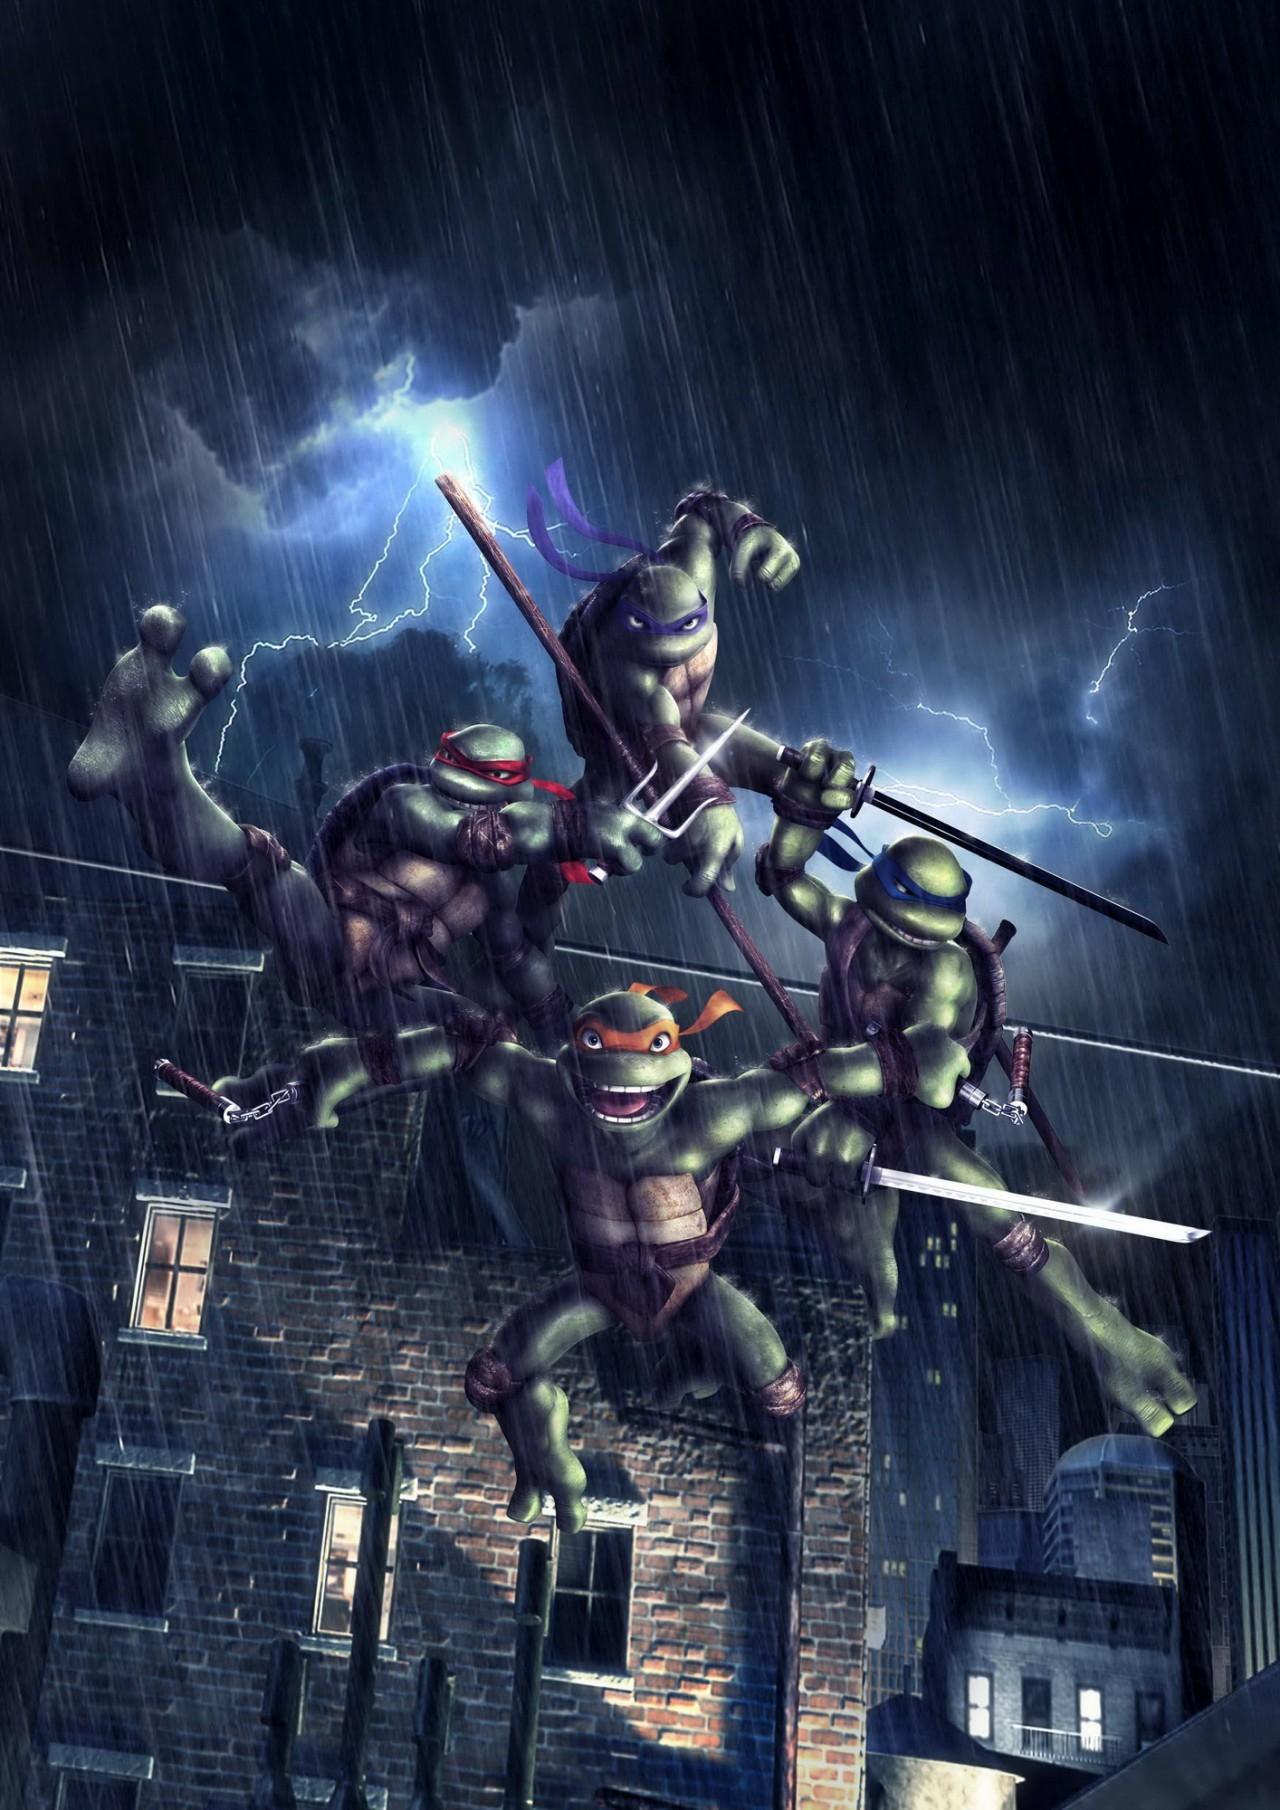 Tmnt la d mo sur pc - Le nom des tortue ninja ...